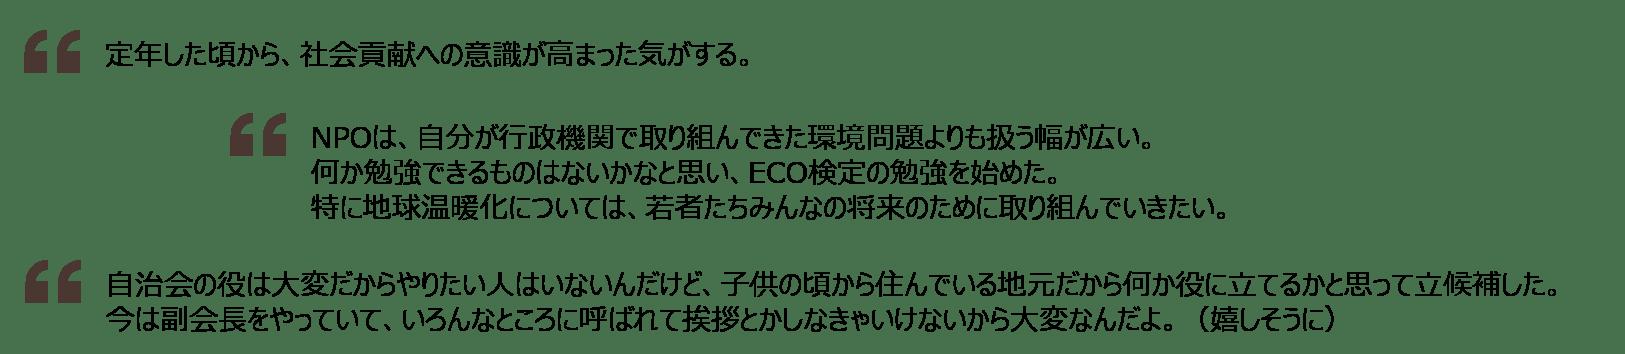 n1-d_05.png